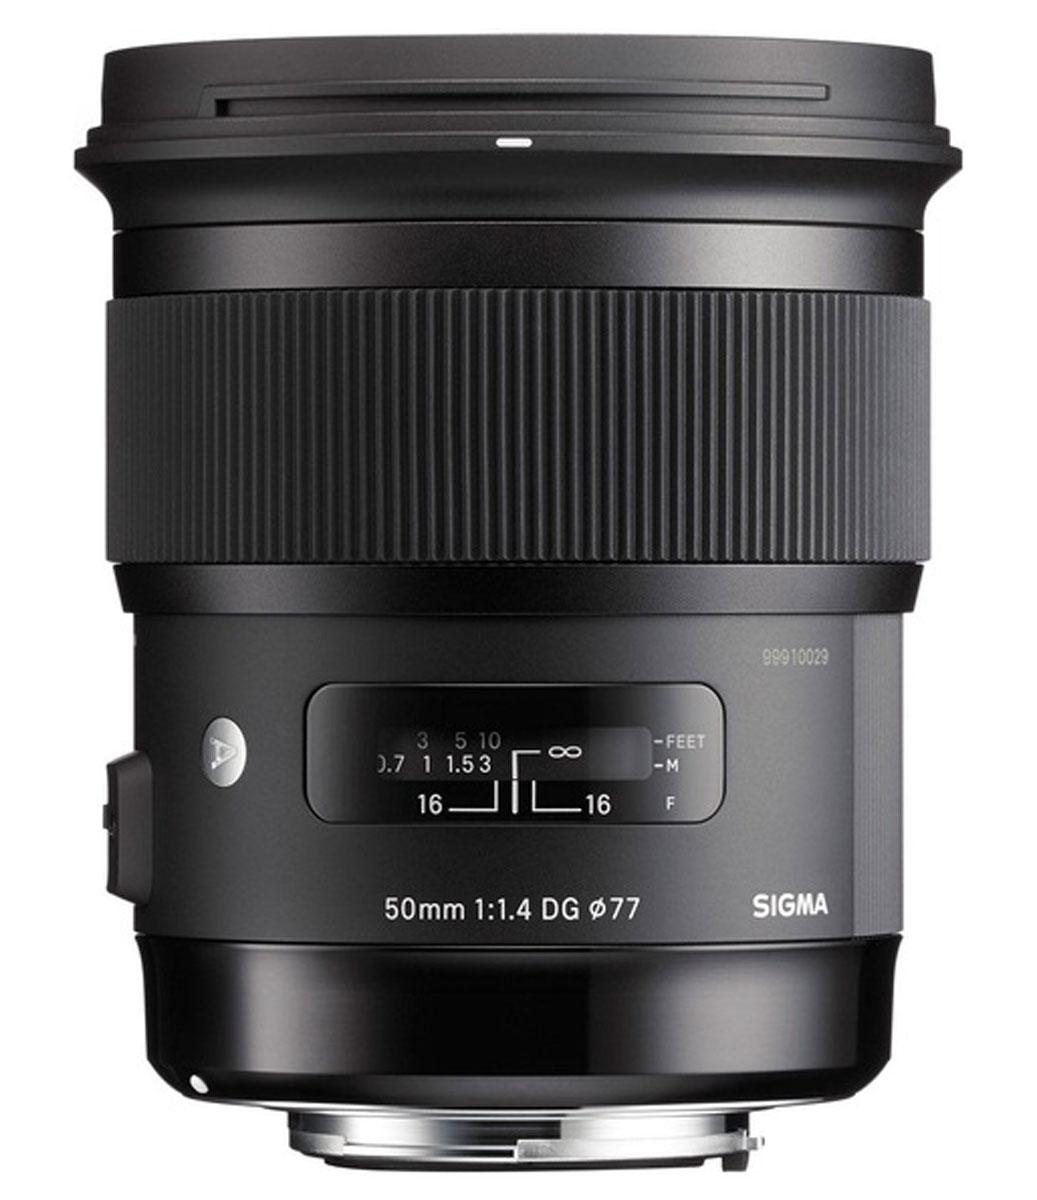 Sigma AF 50mm F/1.4 DG HSM Art объектив для Nikon